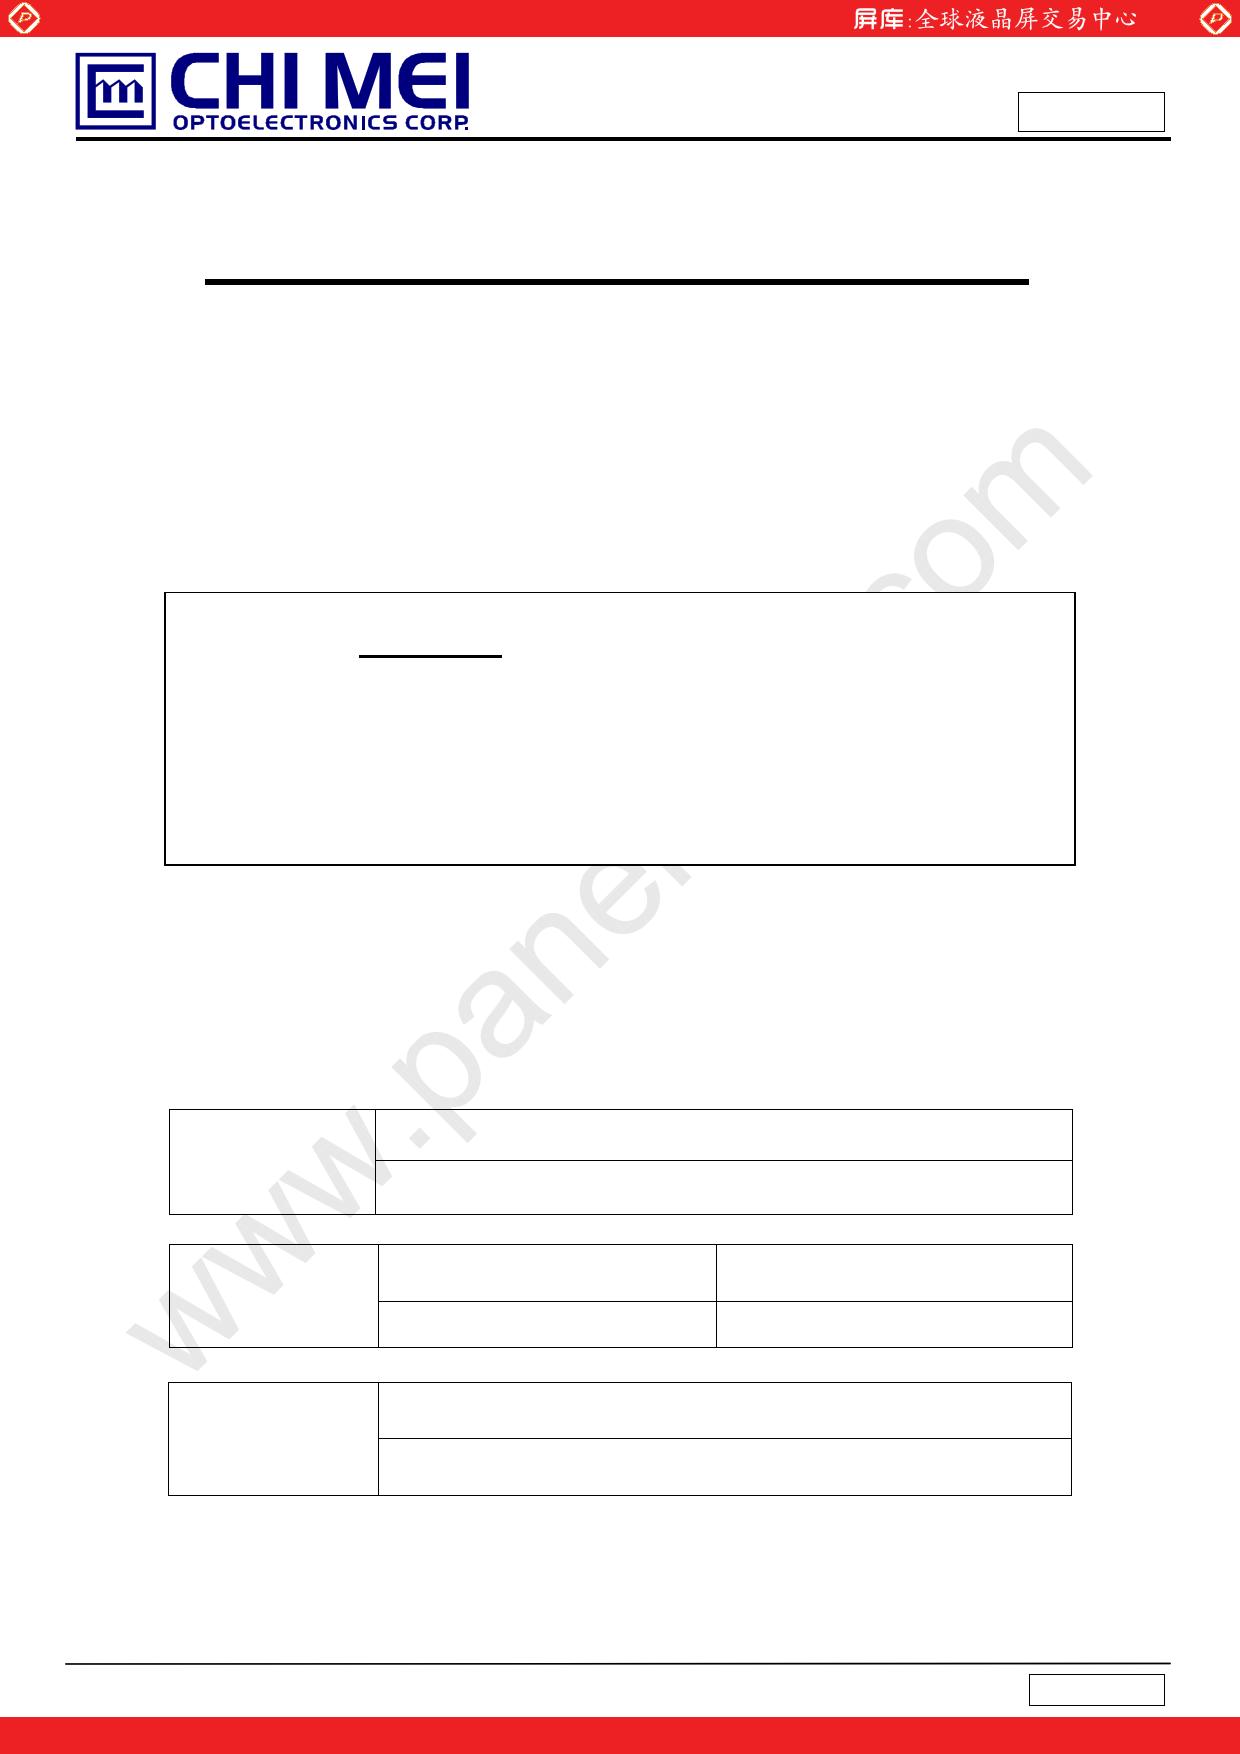 V216B1-C01 datasheet image